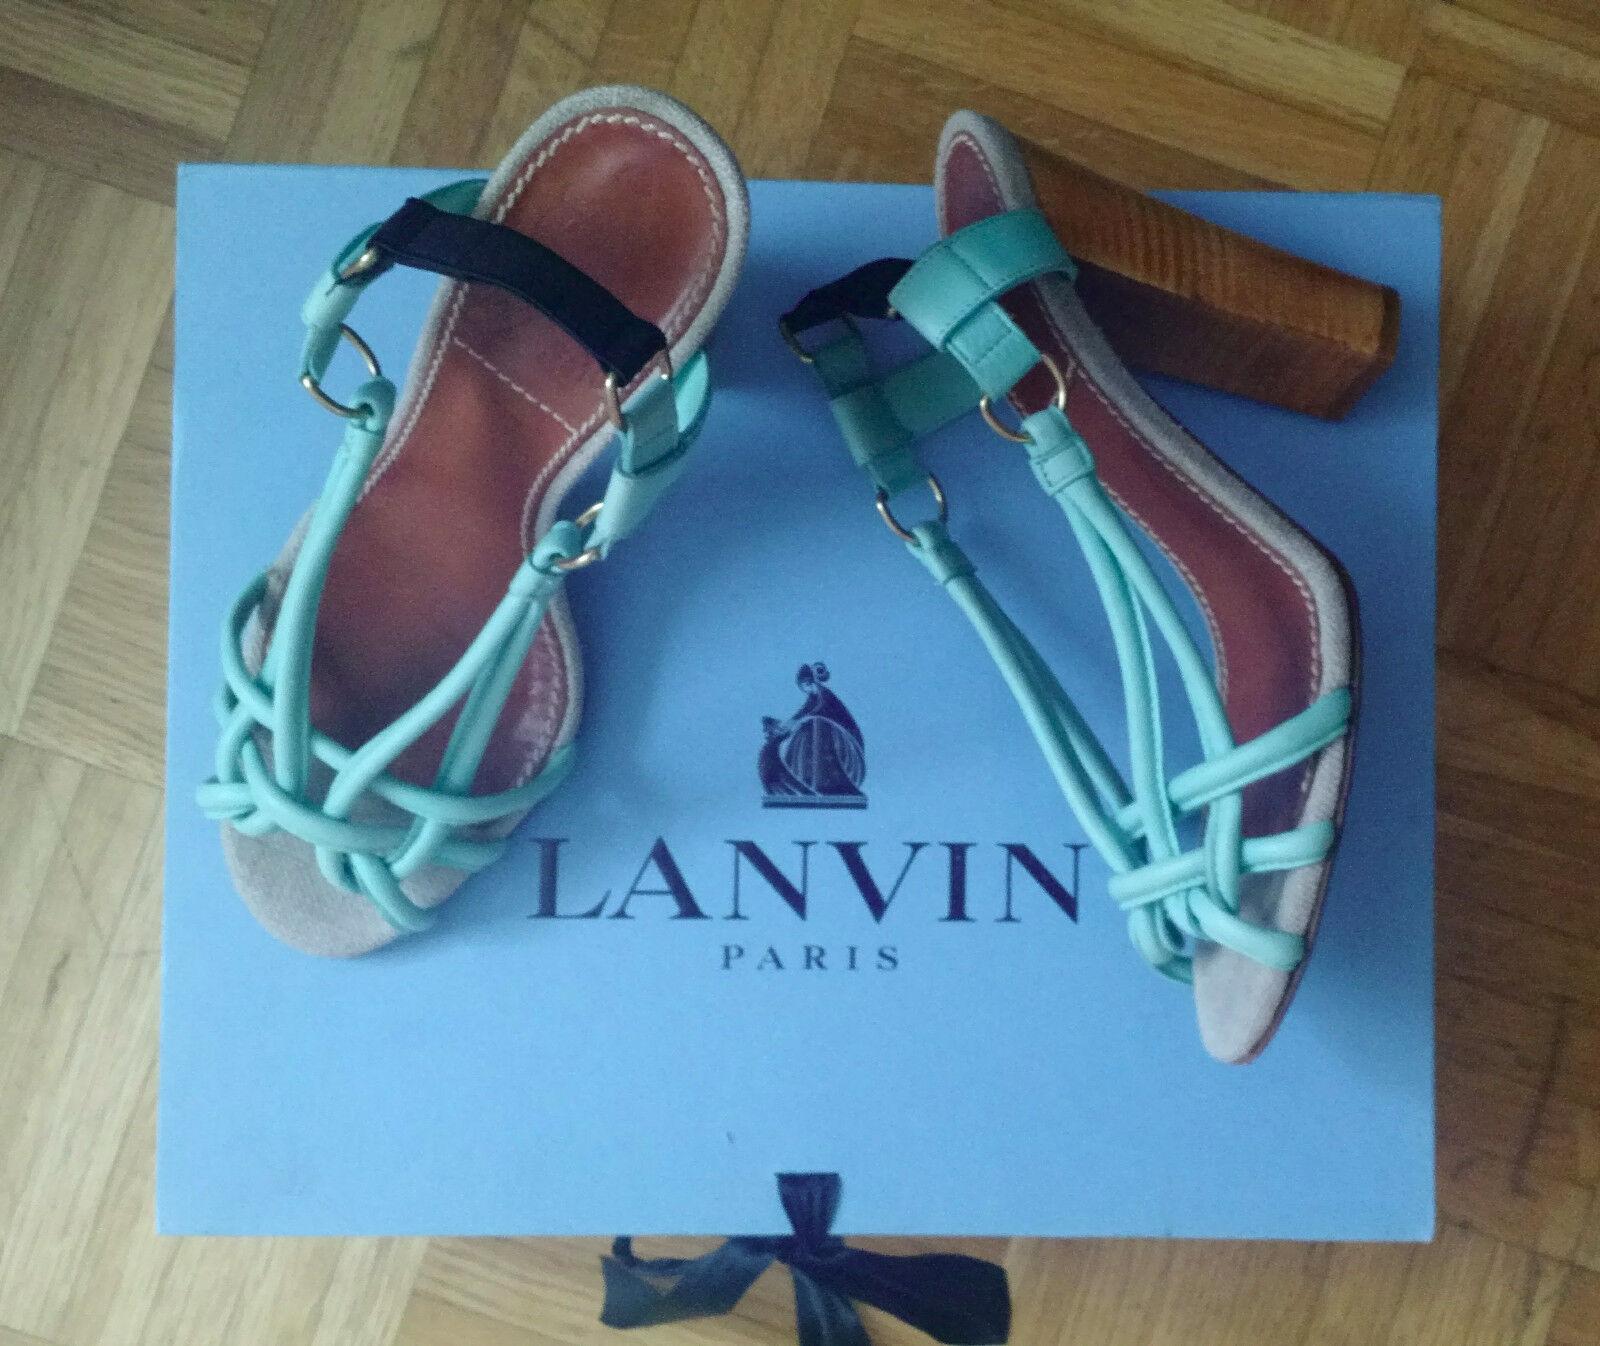 Original Lanvin Sandale Gr. 38 Sandalette luxus designer high heels grün türkis